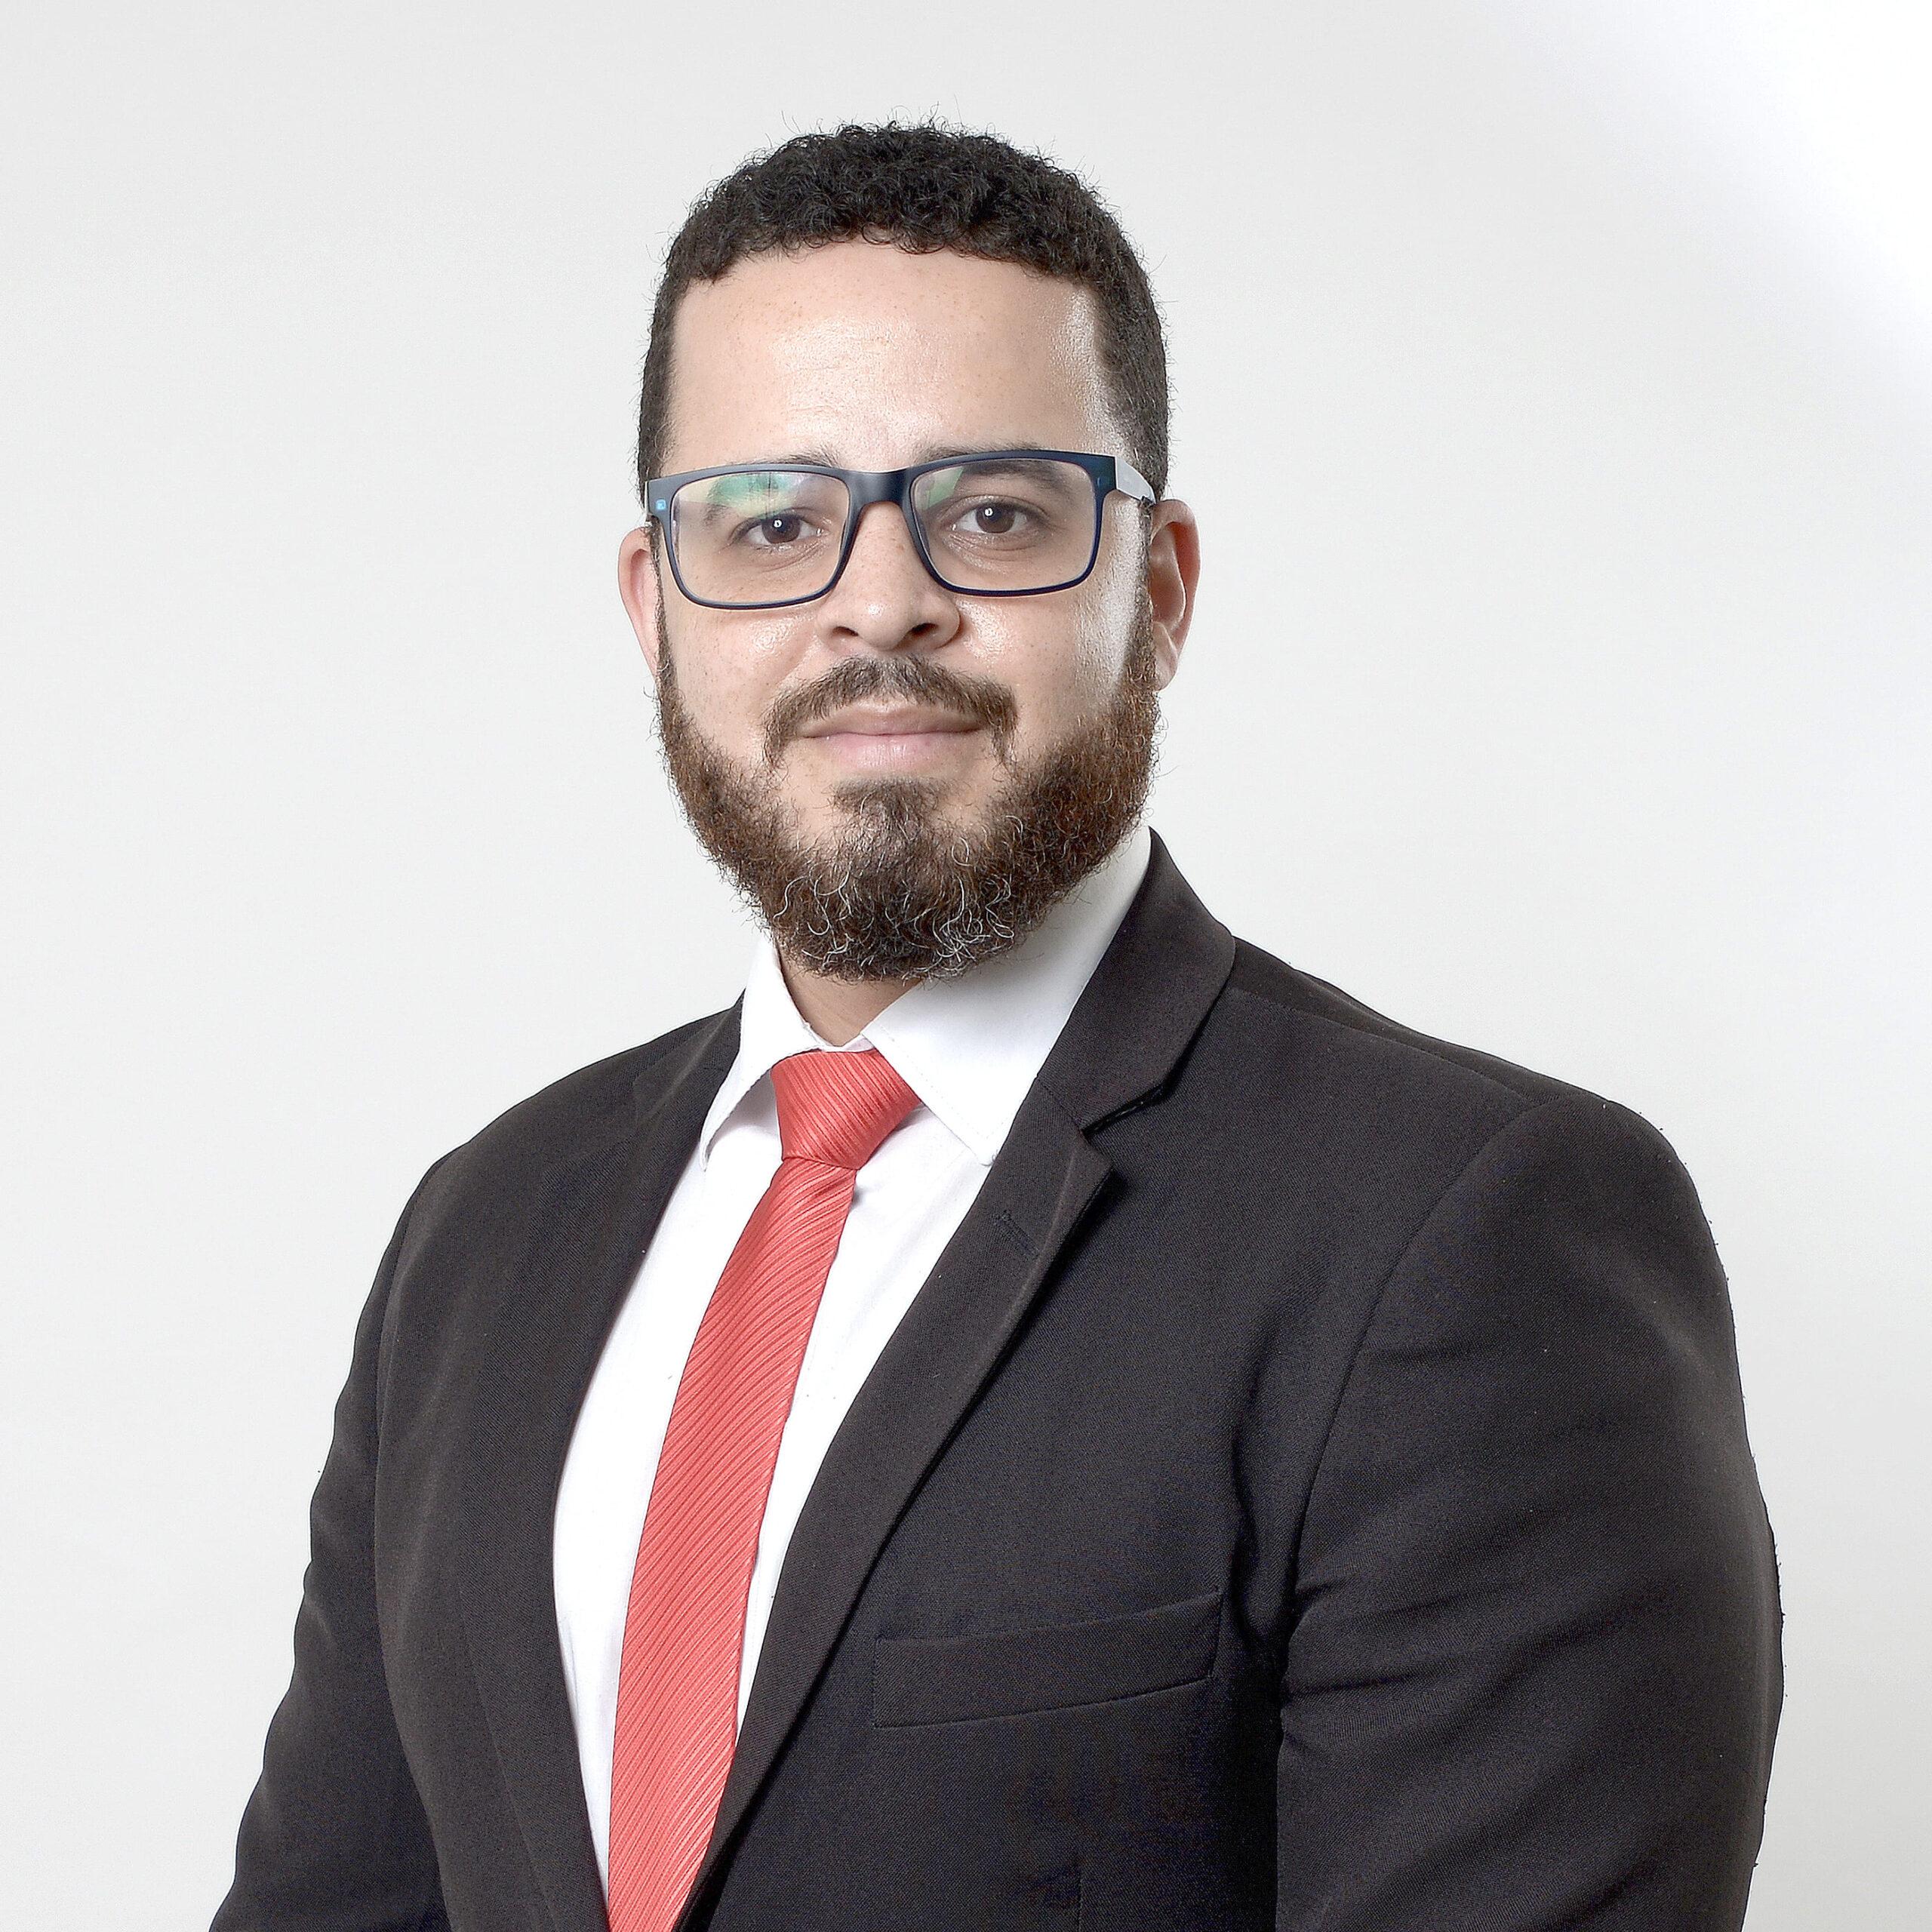 Julio Cesar da Silva Mendes